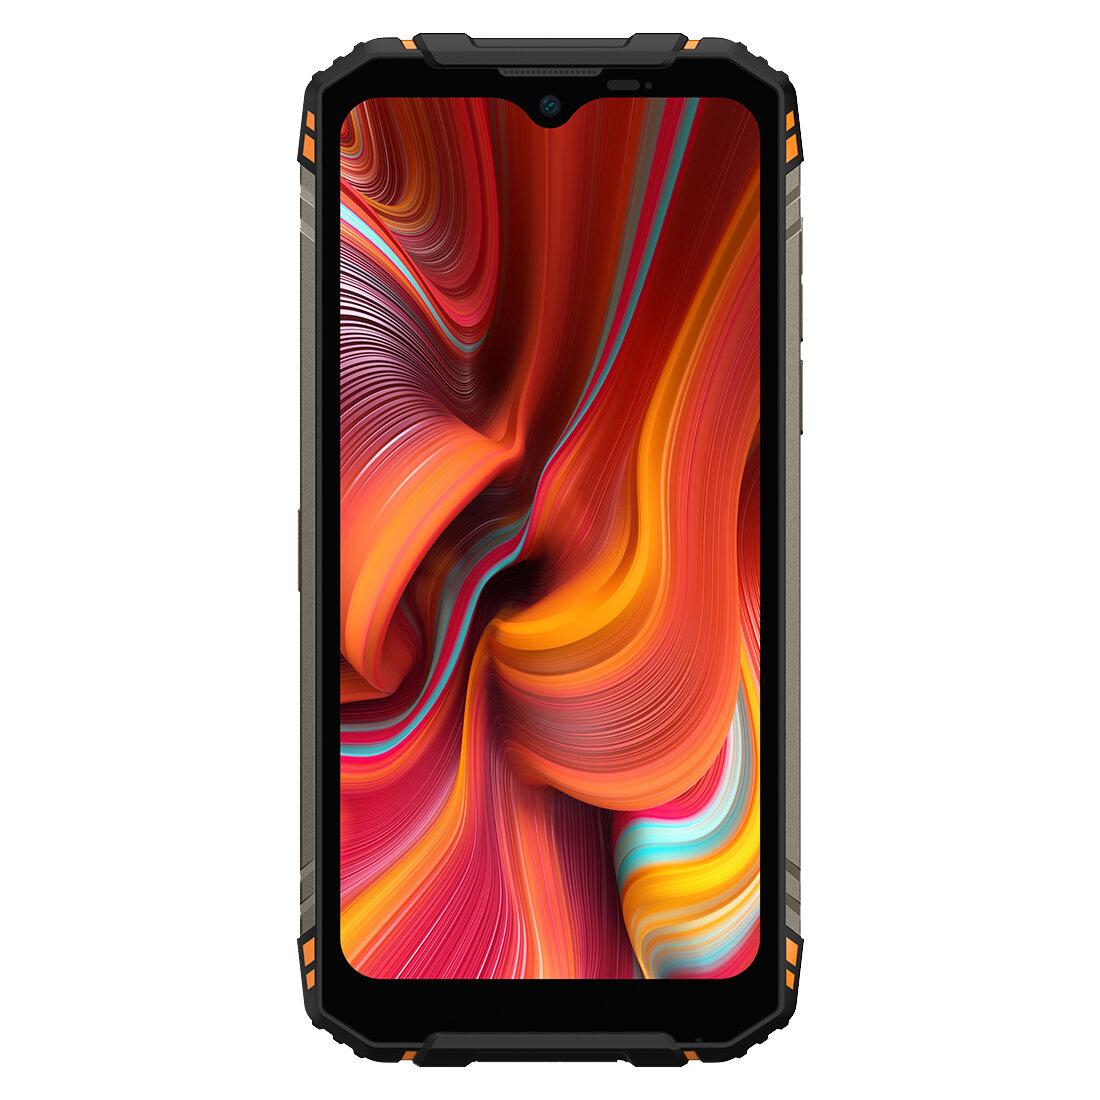 DOOGEE S96 ProグローバルバンドIP68&IPIP69K 8GB 128GB Helio G90 NFC Android 10 6350mAh6.22インチ48MPラウンドクワッドカメラ20MP赤外線ナイトビジョン4Gスマートフォン